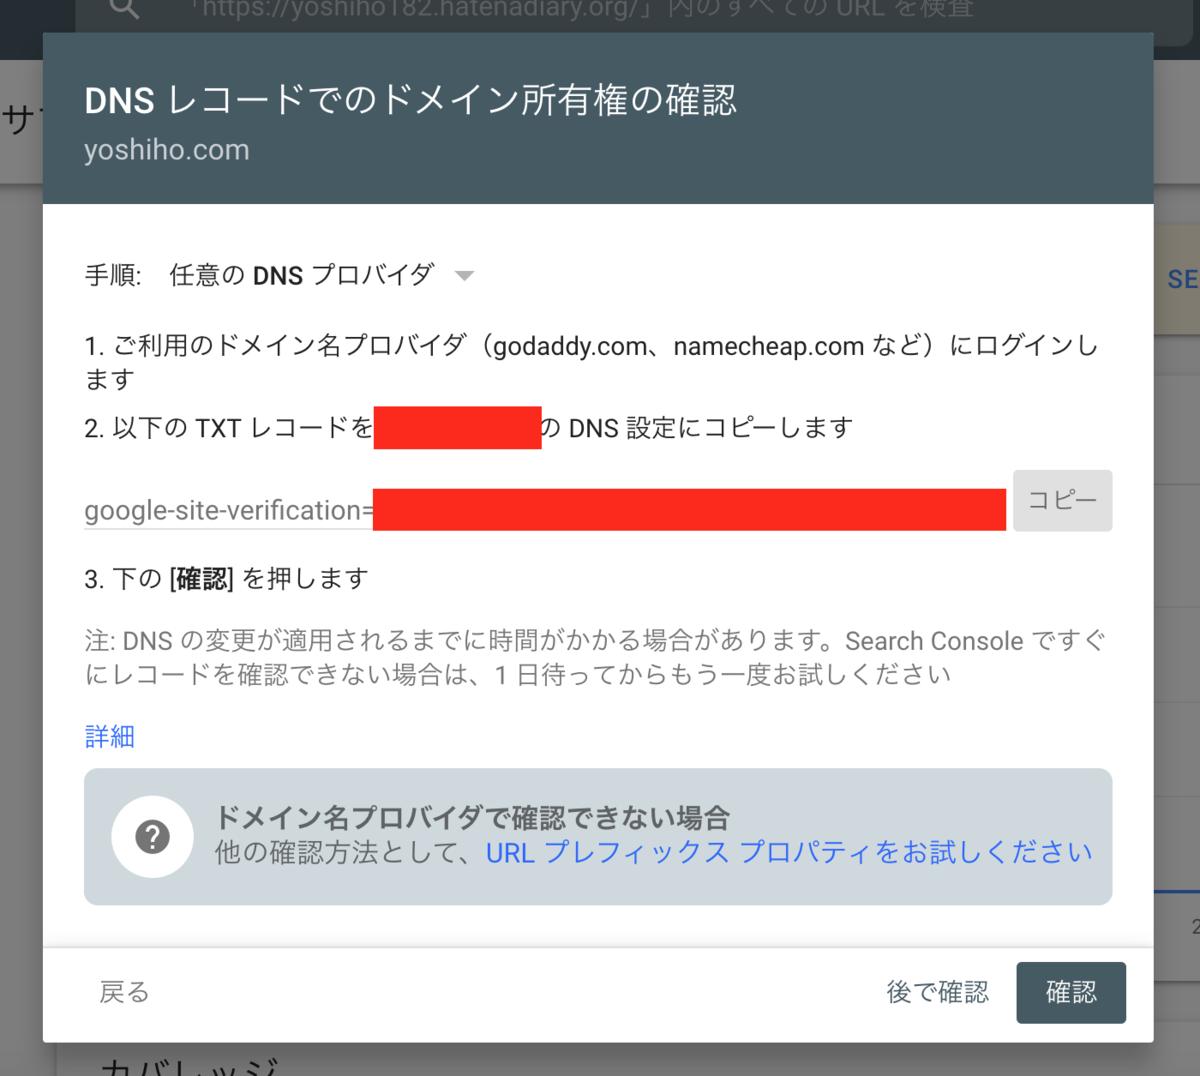 f:id:yoshiho182:20210904235906p:plain